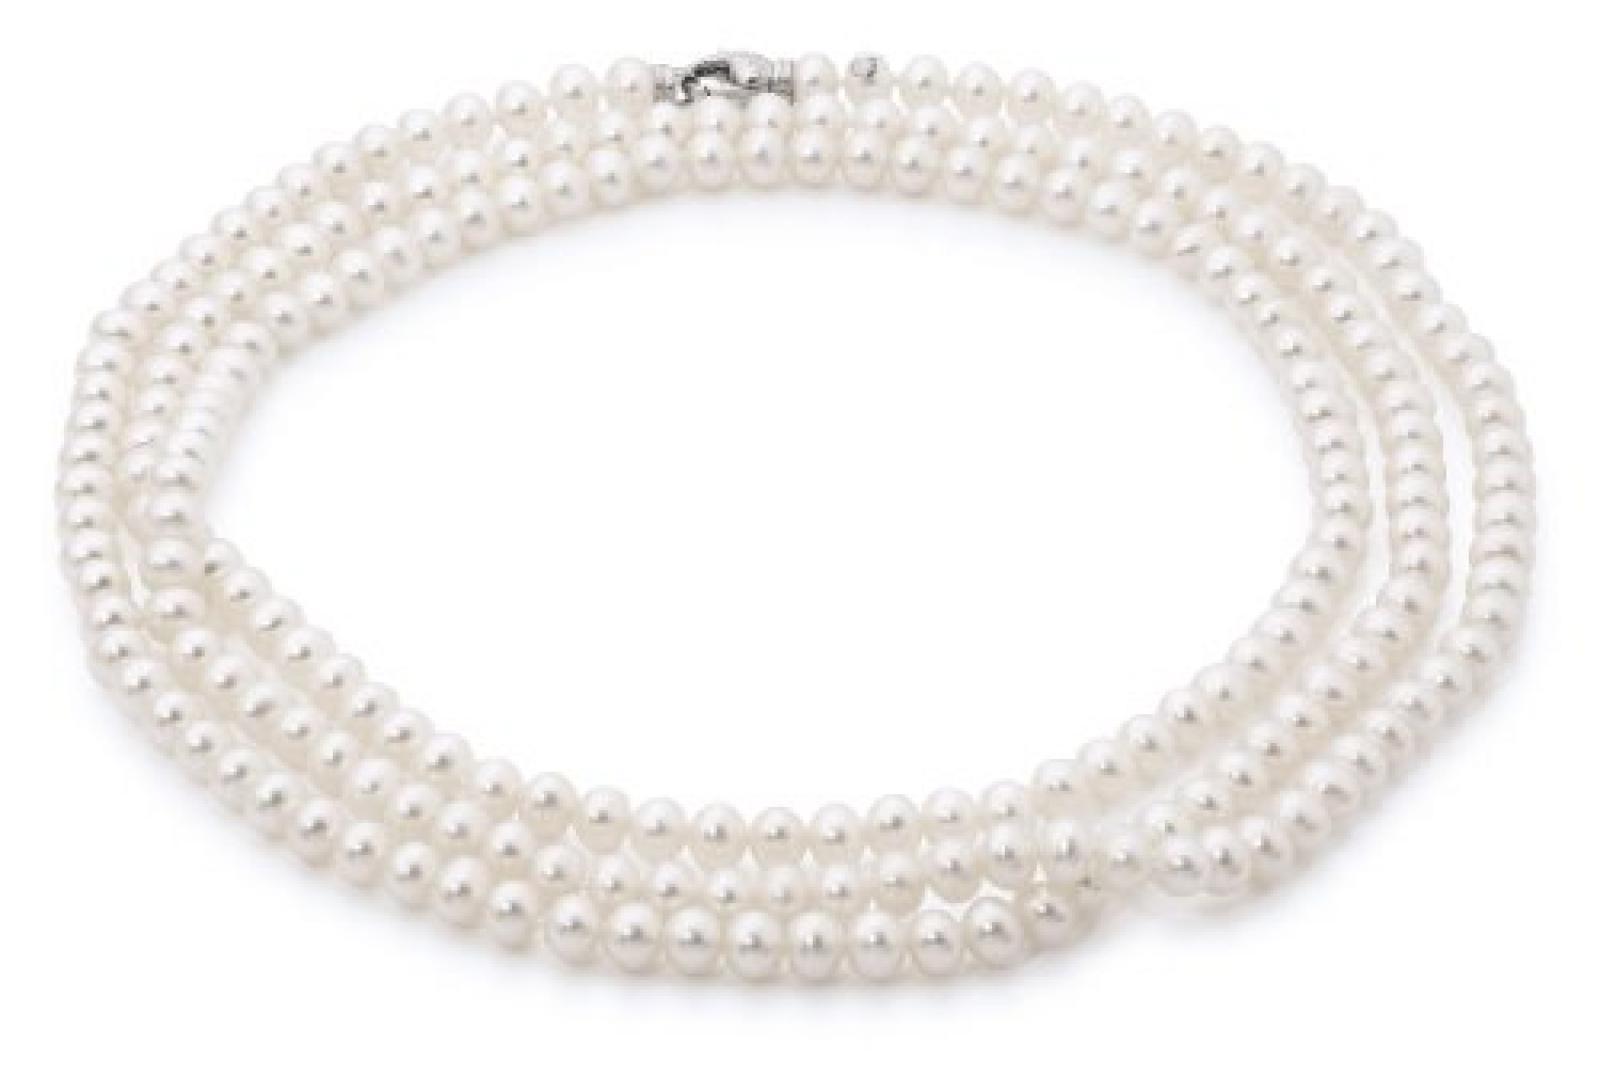 Adriana Damen-Kette Romantica Süßwasser Zuchtperlen 925 Sterling-Silber 130 Perlen R2